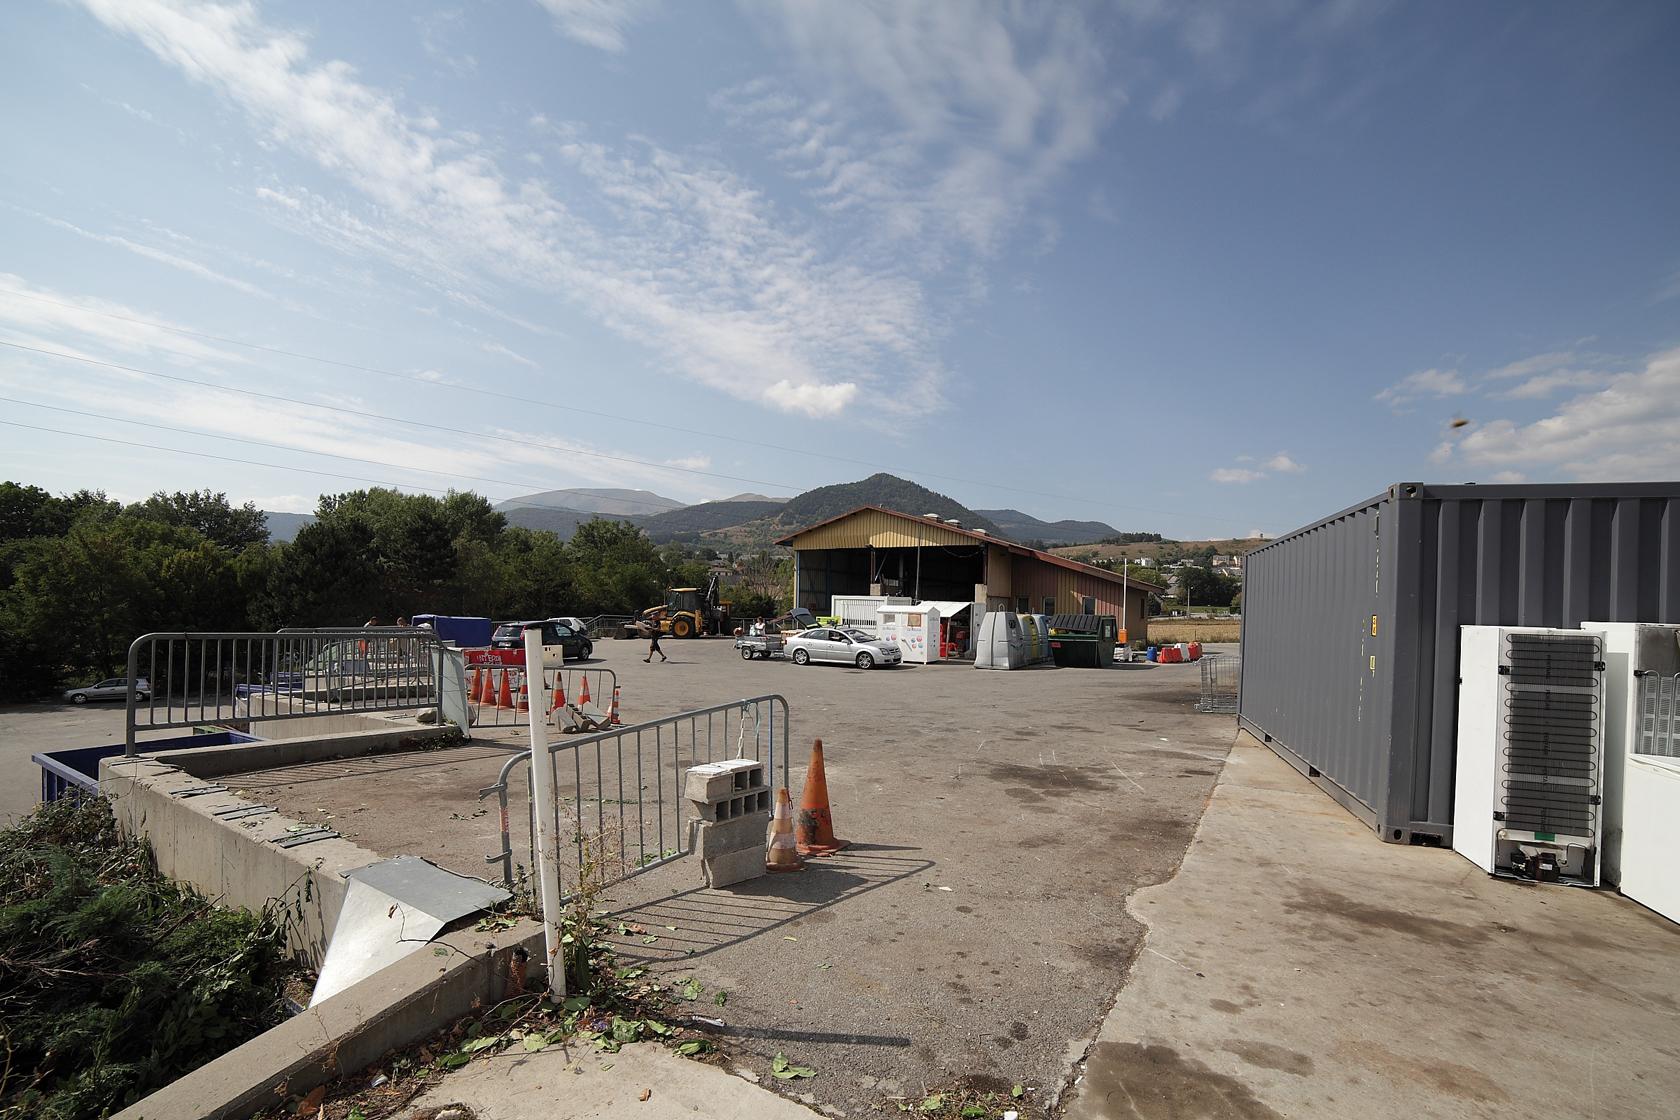 un déchetterie centrale, à La Mure, et 4 points propres intercommunaux forment un maillage afin de jeter encombrants, déchets verts, bois, cartons, ferrailles et gravats principalement.